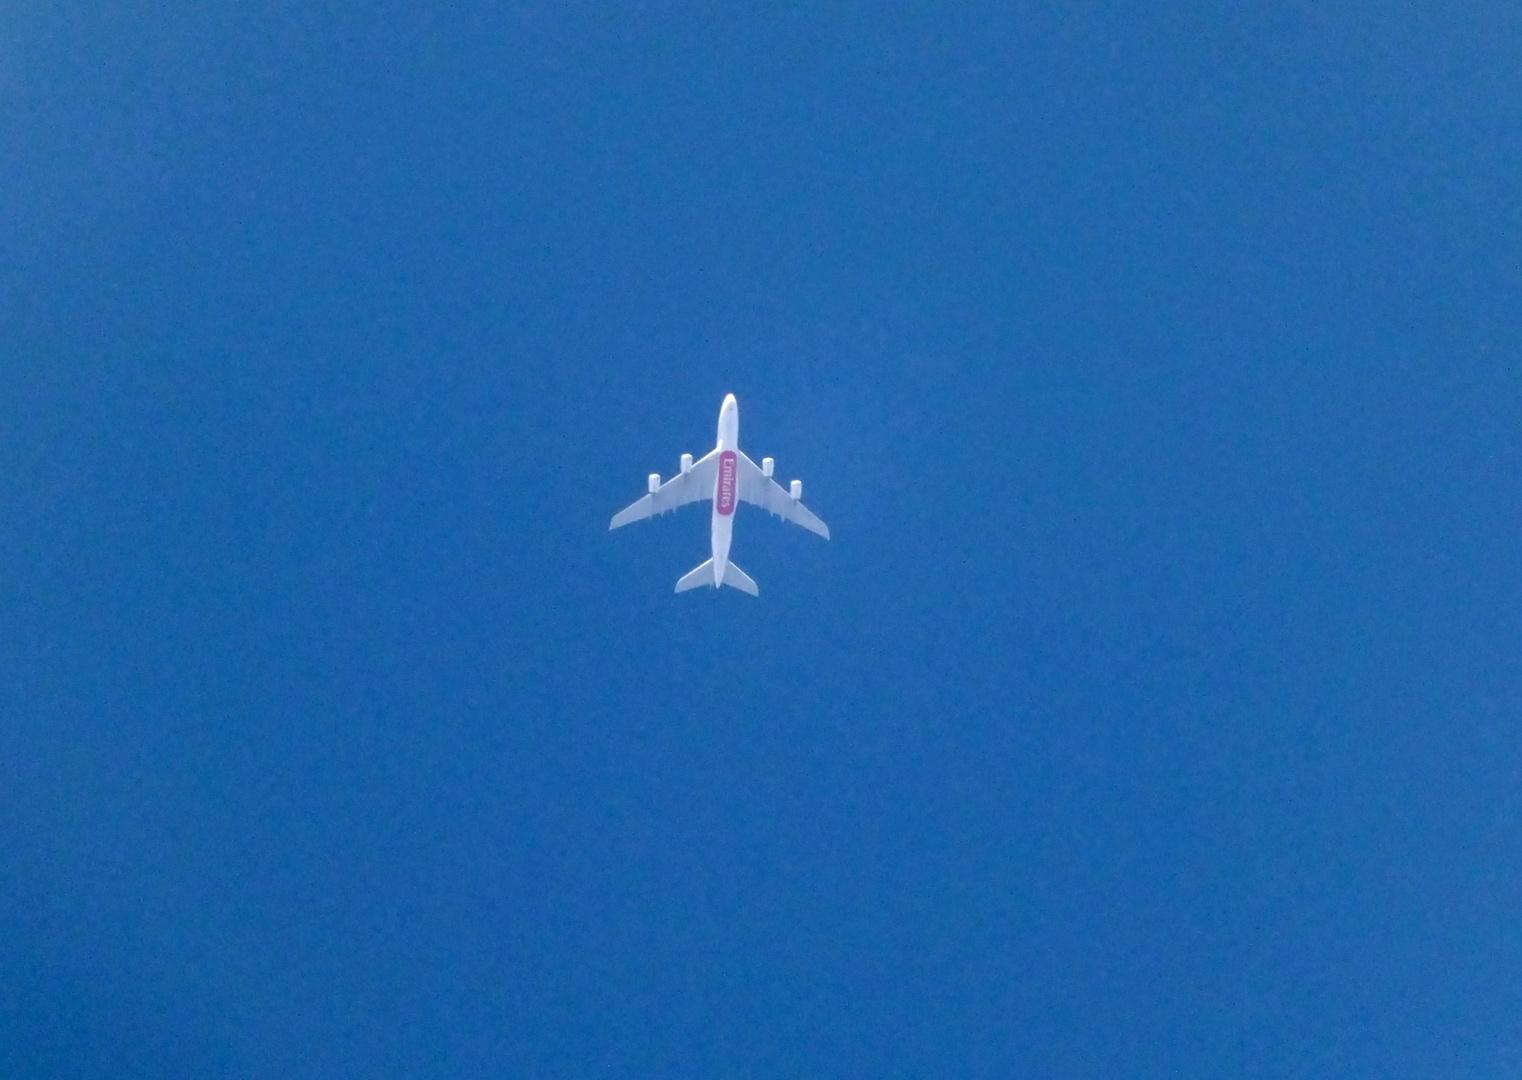 Fliegendes Werbeschild